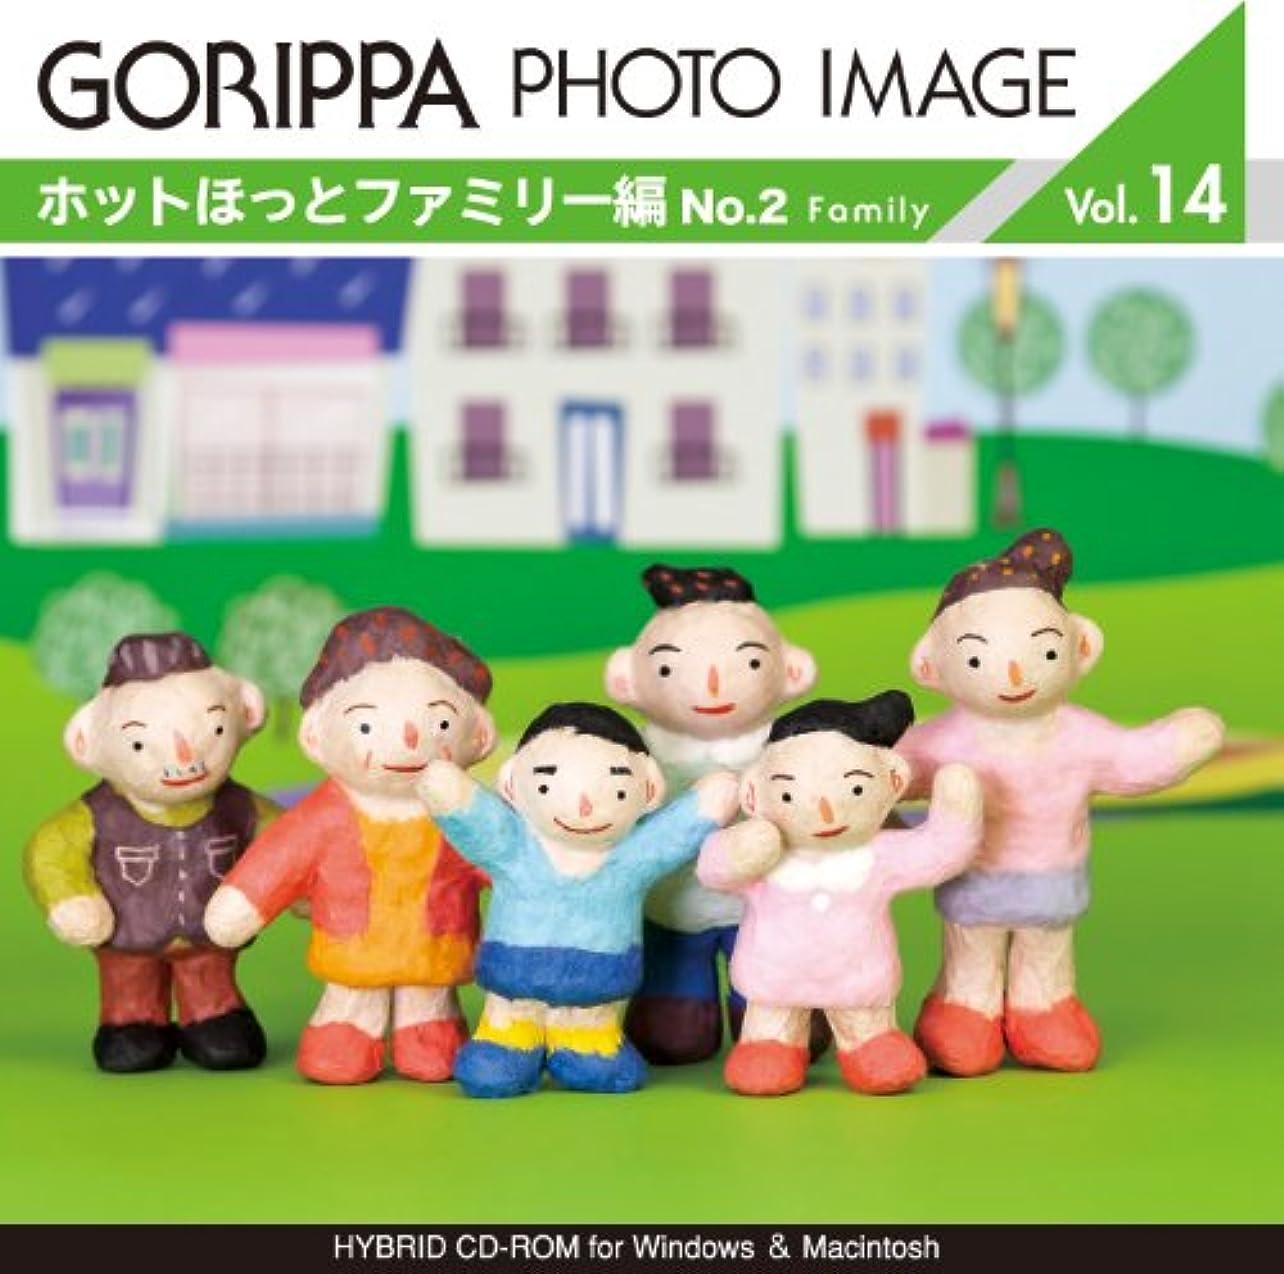 急いで闇解釈的GORIPPA PHOTO IMAGE vol.14 ?ホットほっとファミリー編 No.2?